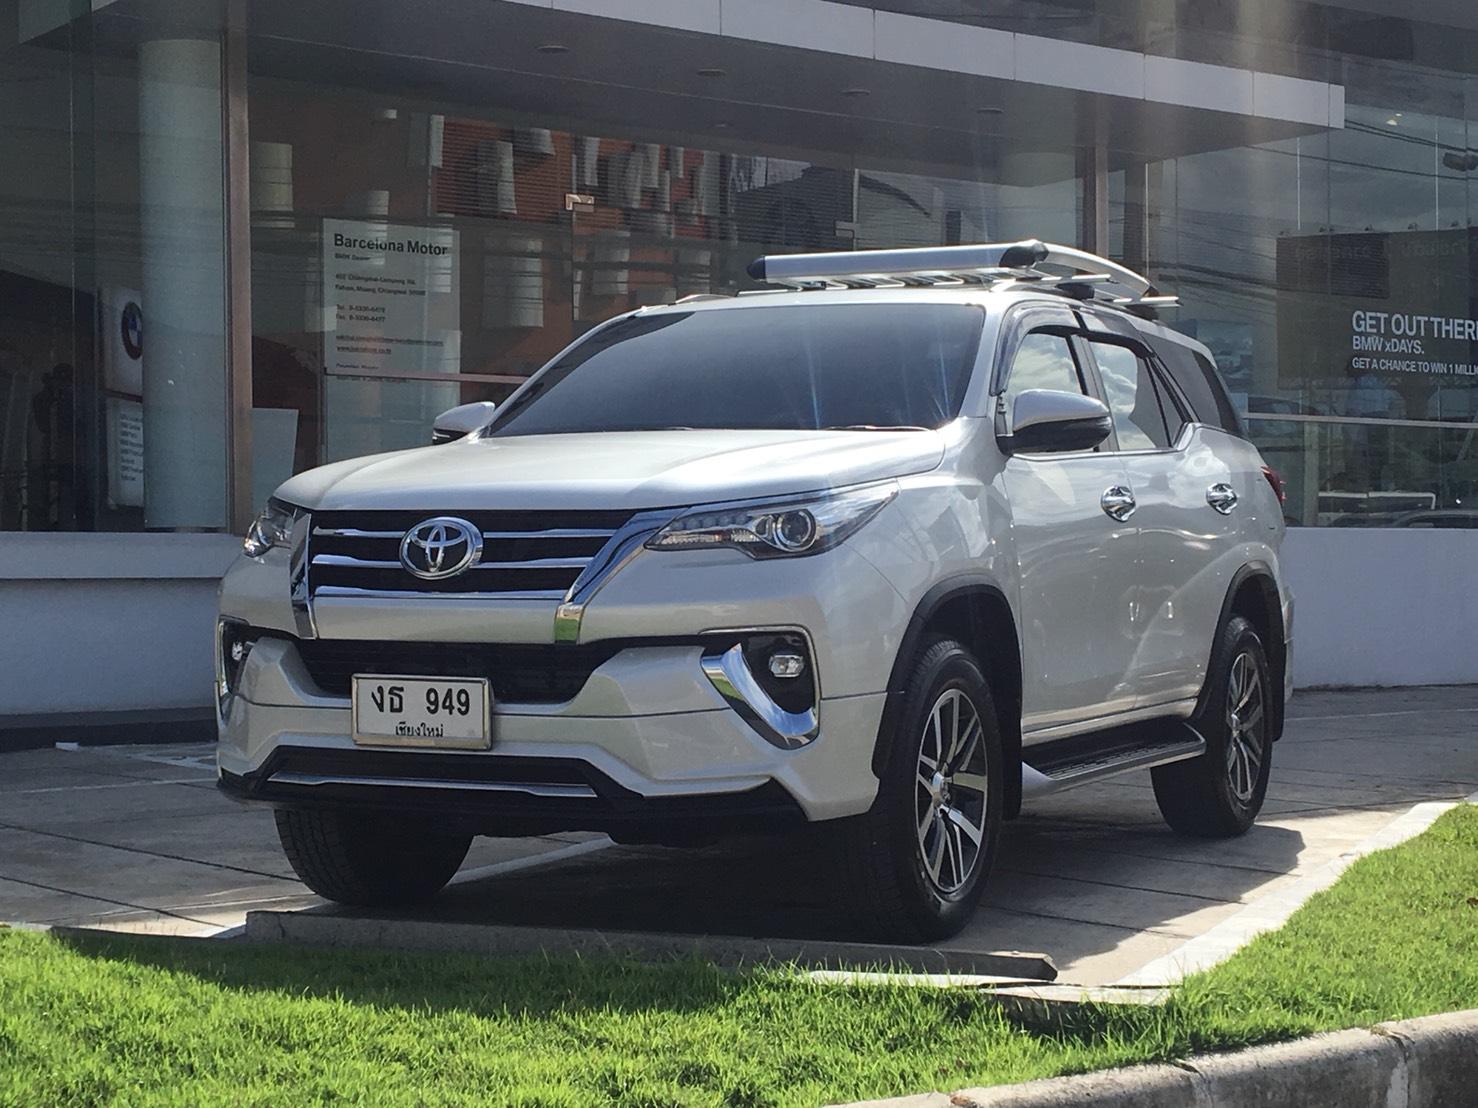 เช่ารถ รถเช่า เชียงใหม่ Toyota Fortuner 2018